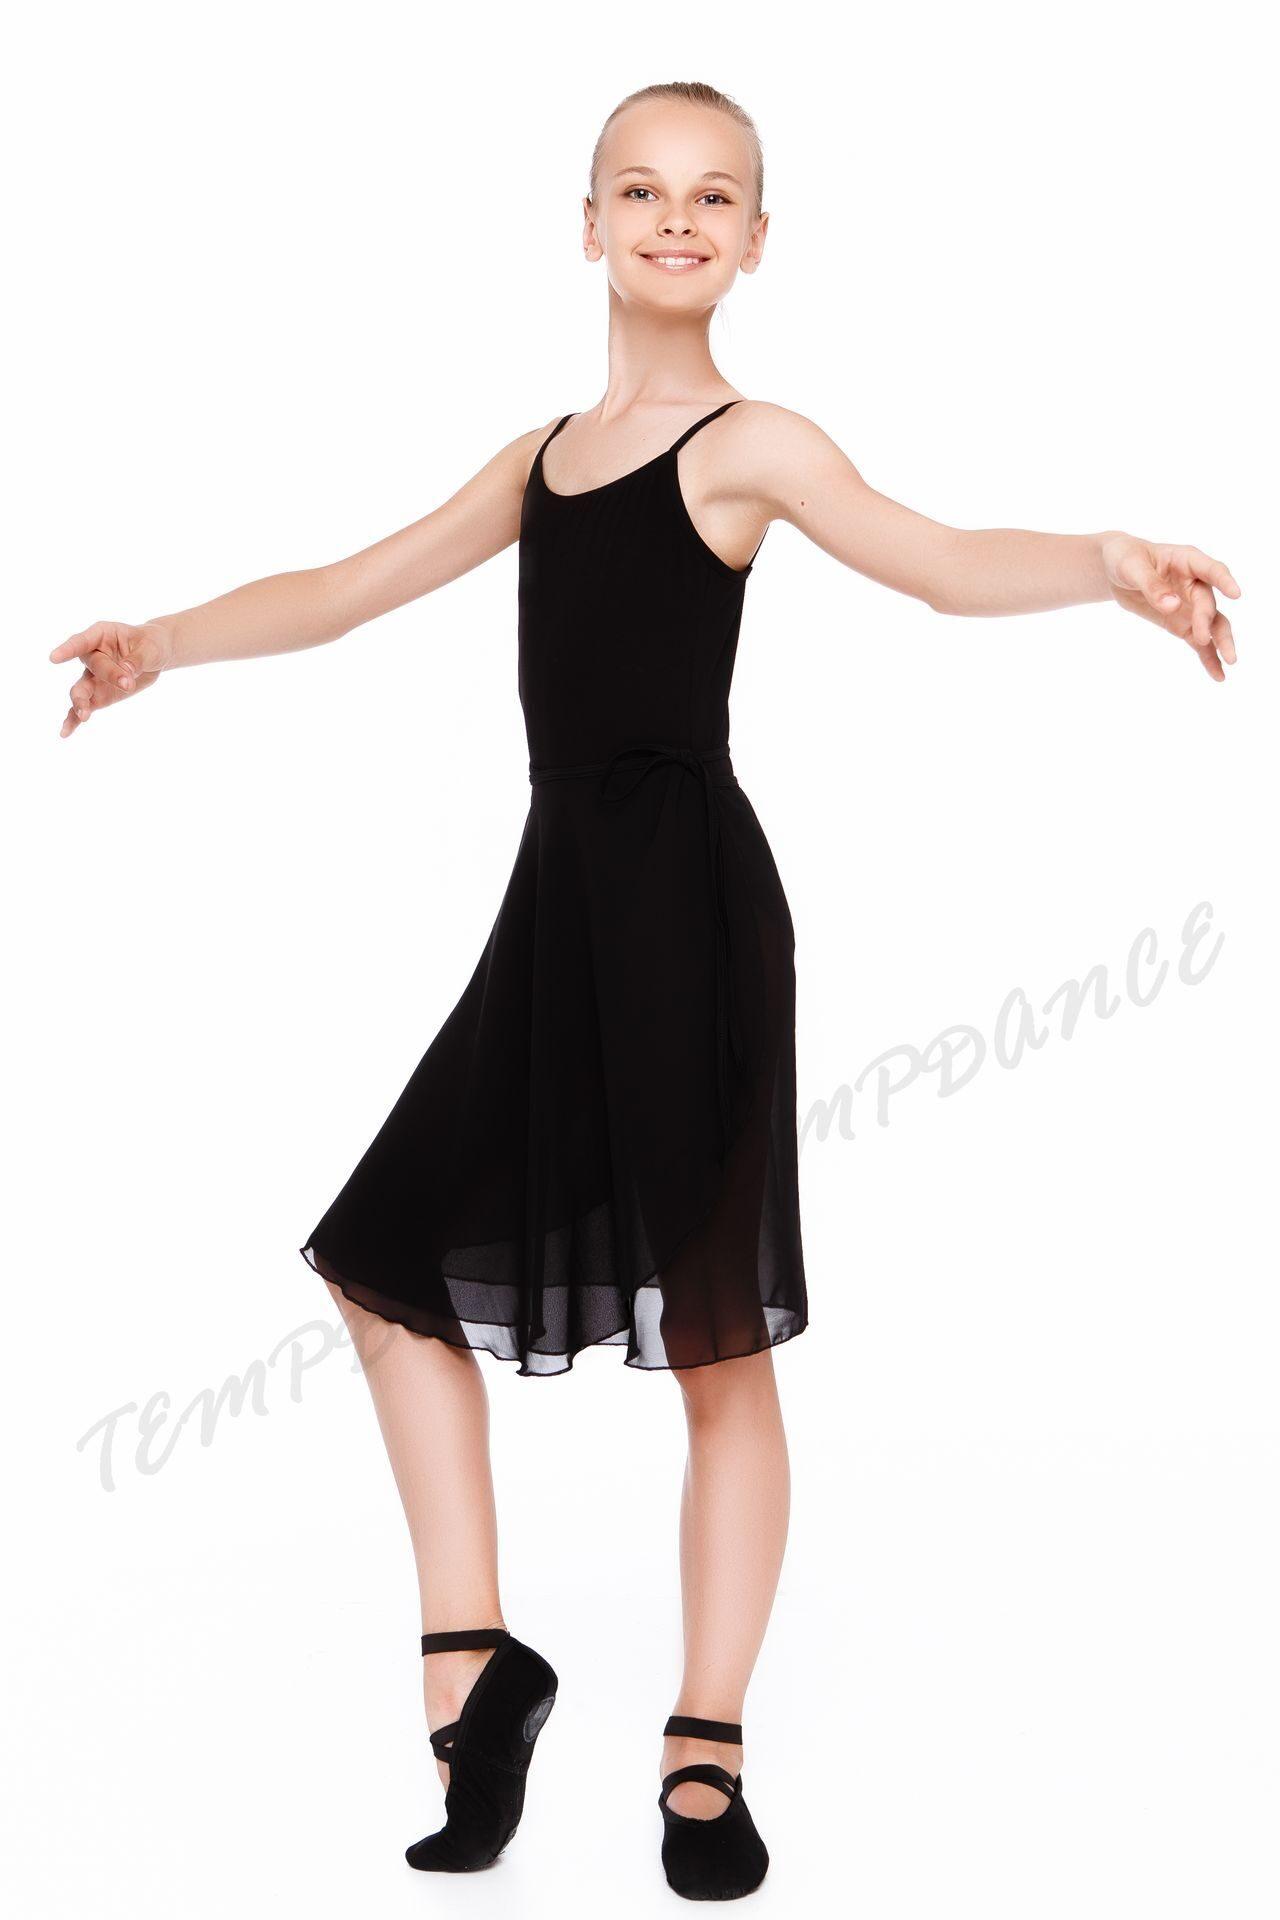 9fc36d7c654 юбка с запахом длиной ниже колена (50-60 см) из полупрозрачного шифона на  эластичных завязках